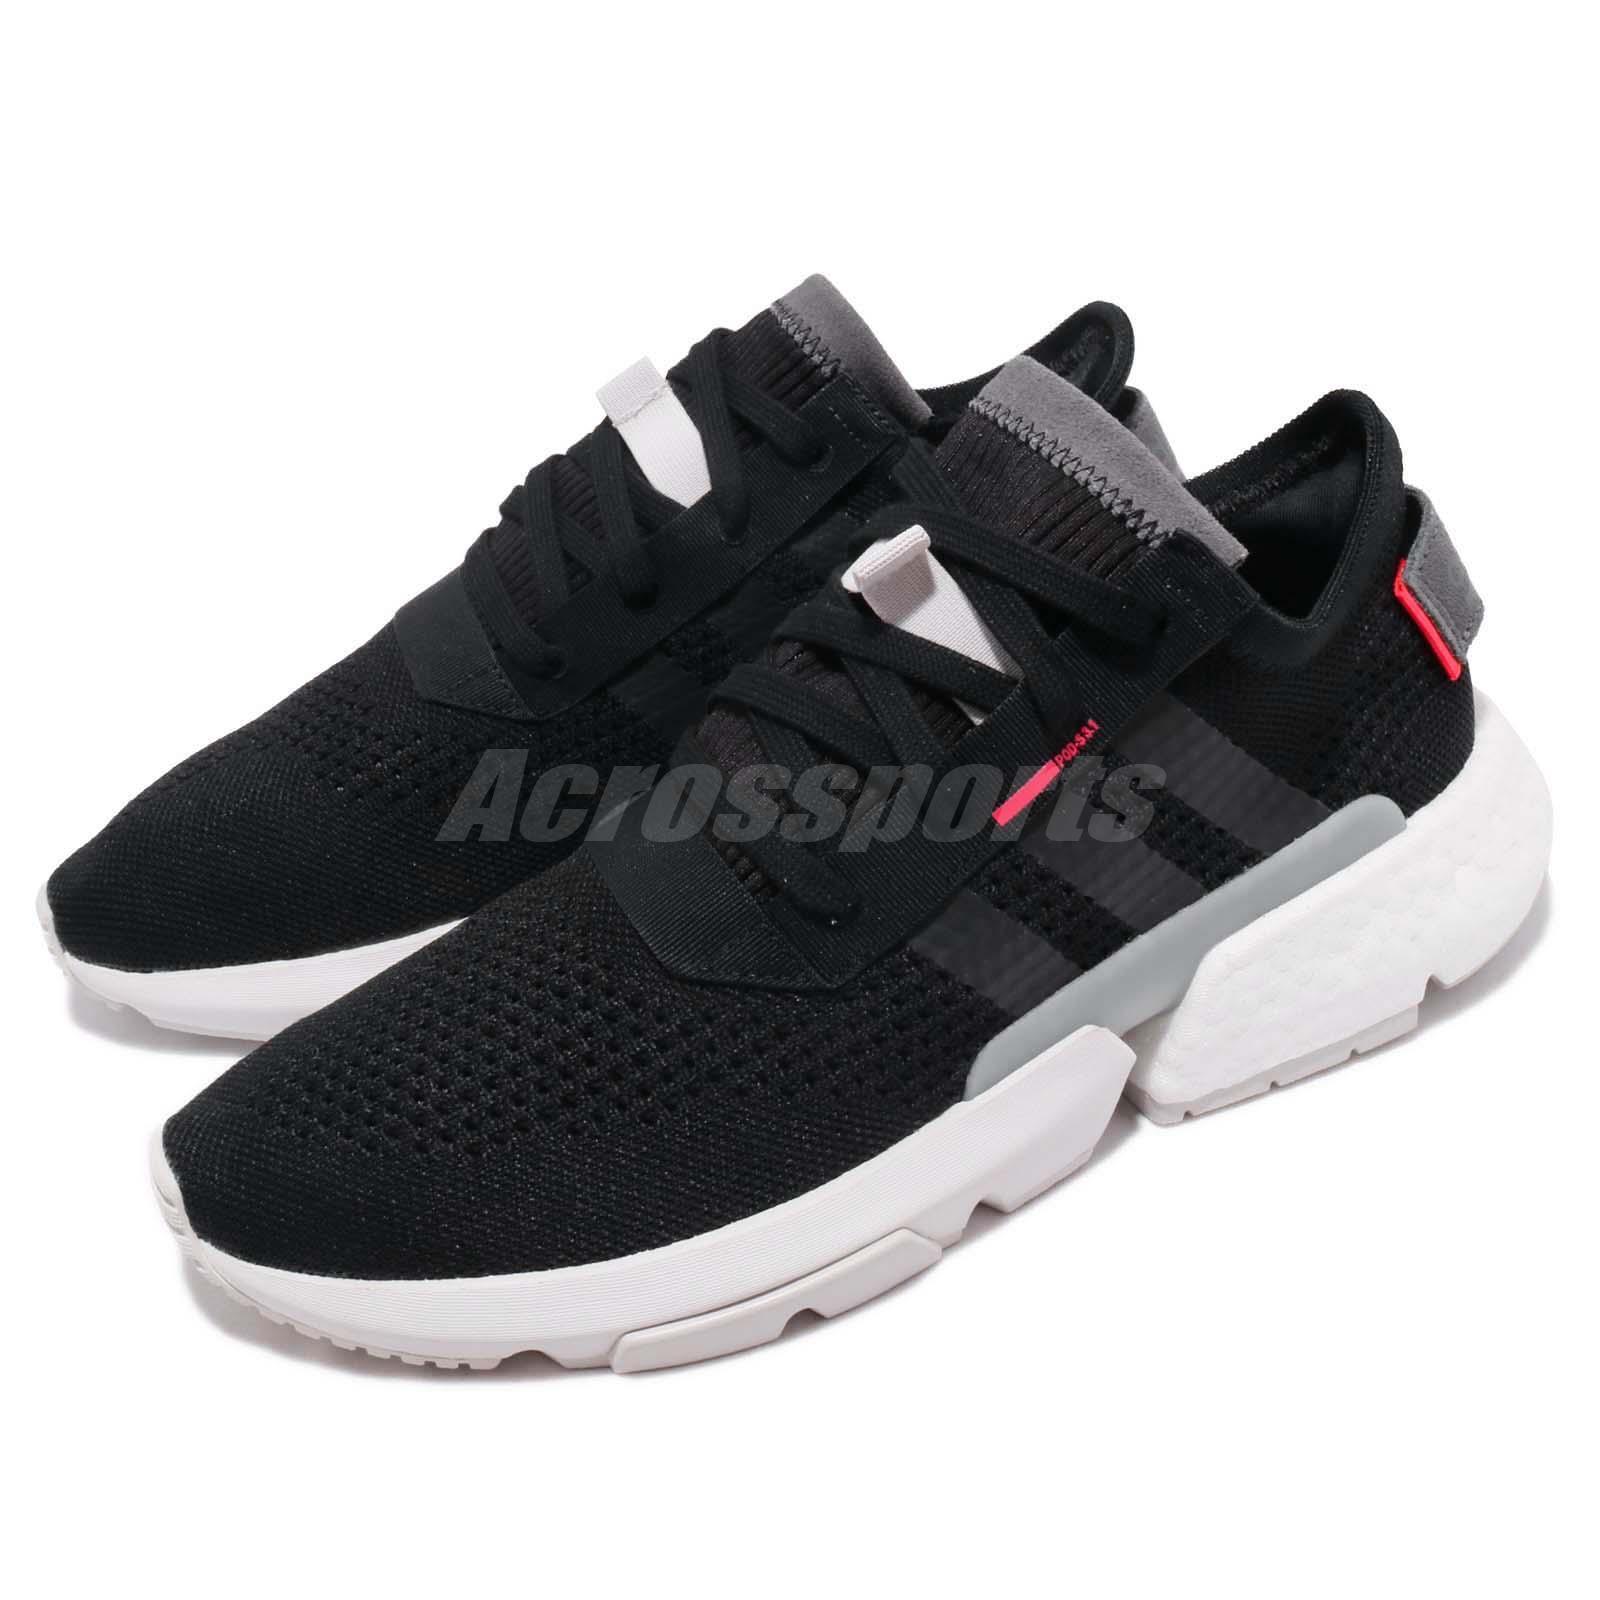 Adidas originale Pod -S3.1 Boost schwarz rot Weiß männer laufen schuhe Turnschuhe BD7877